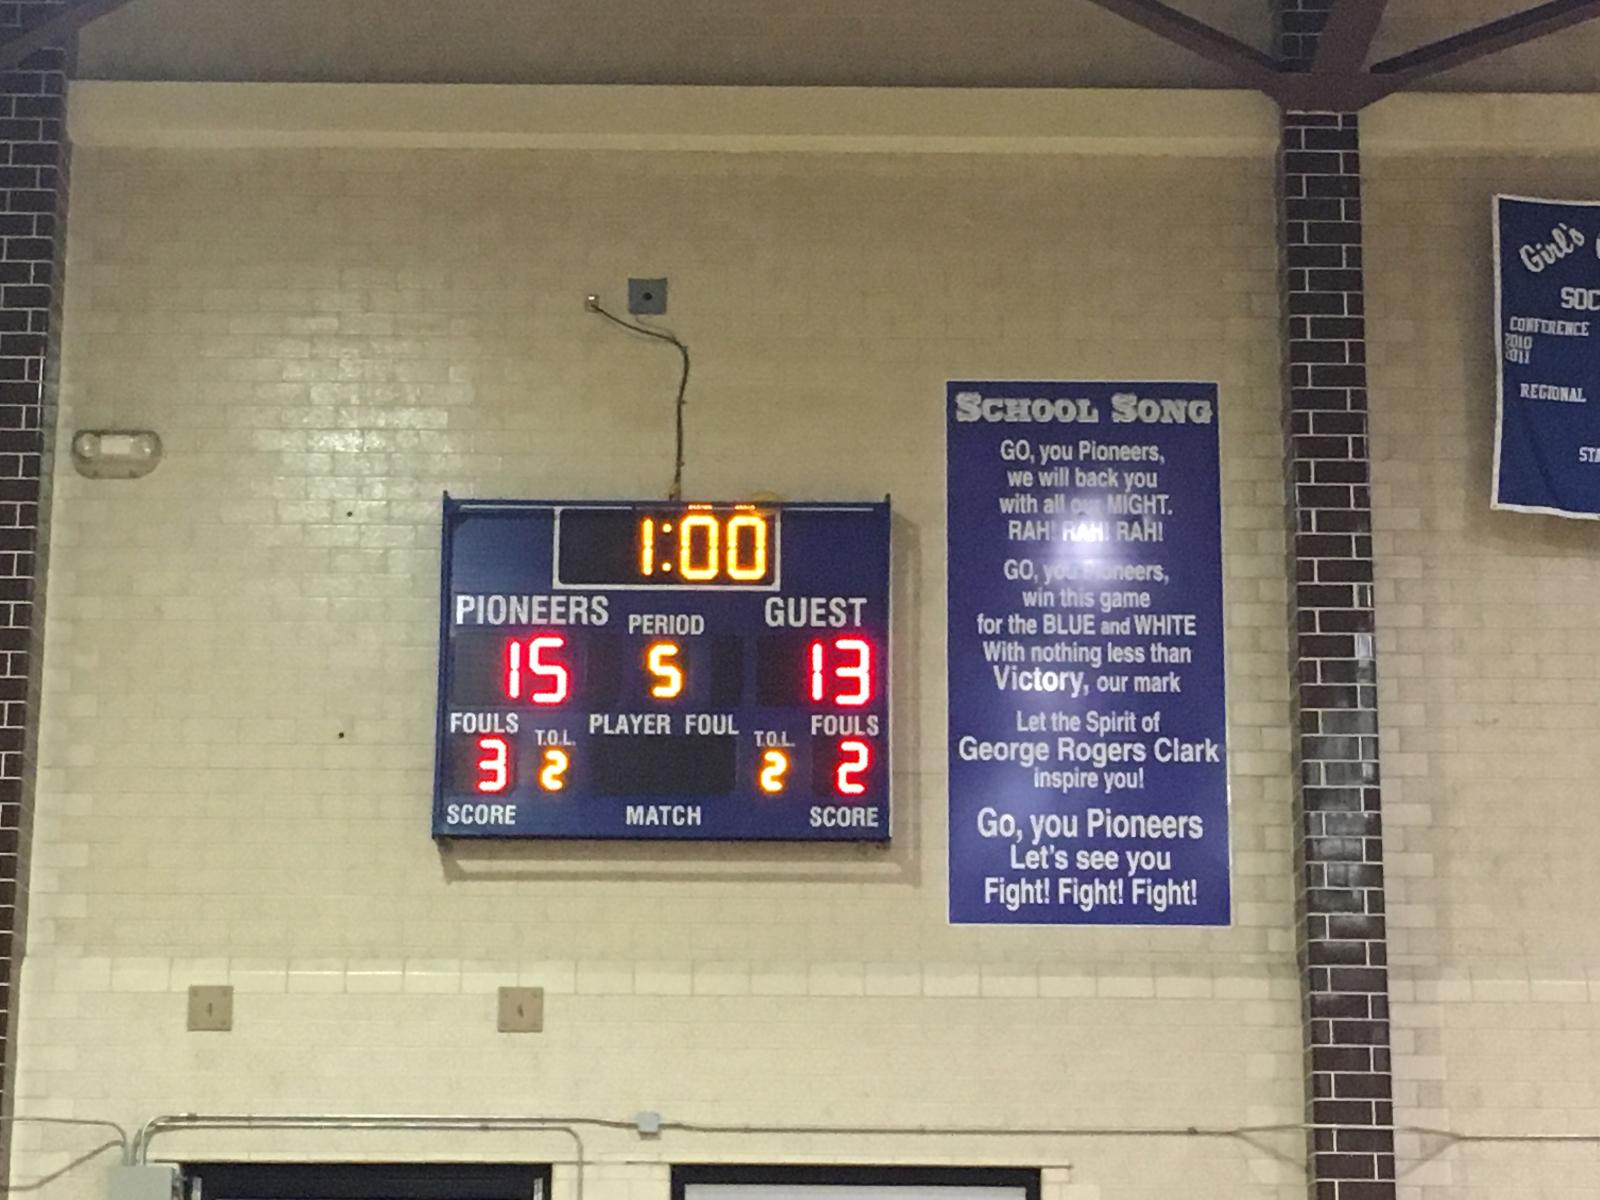 Volleyball defeats EC Central in a 5 set thriller! #WeWillLead #PioneerOn #NorthStarGRC #schk12 #15k #nwipreps